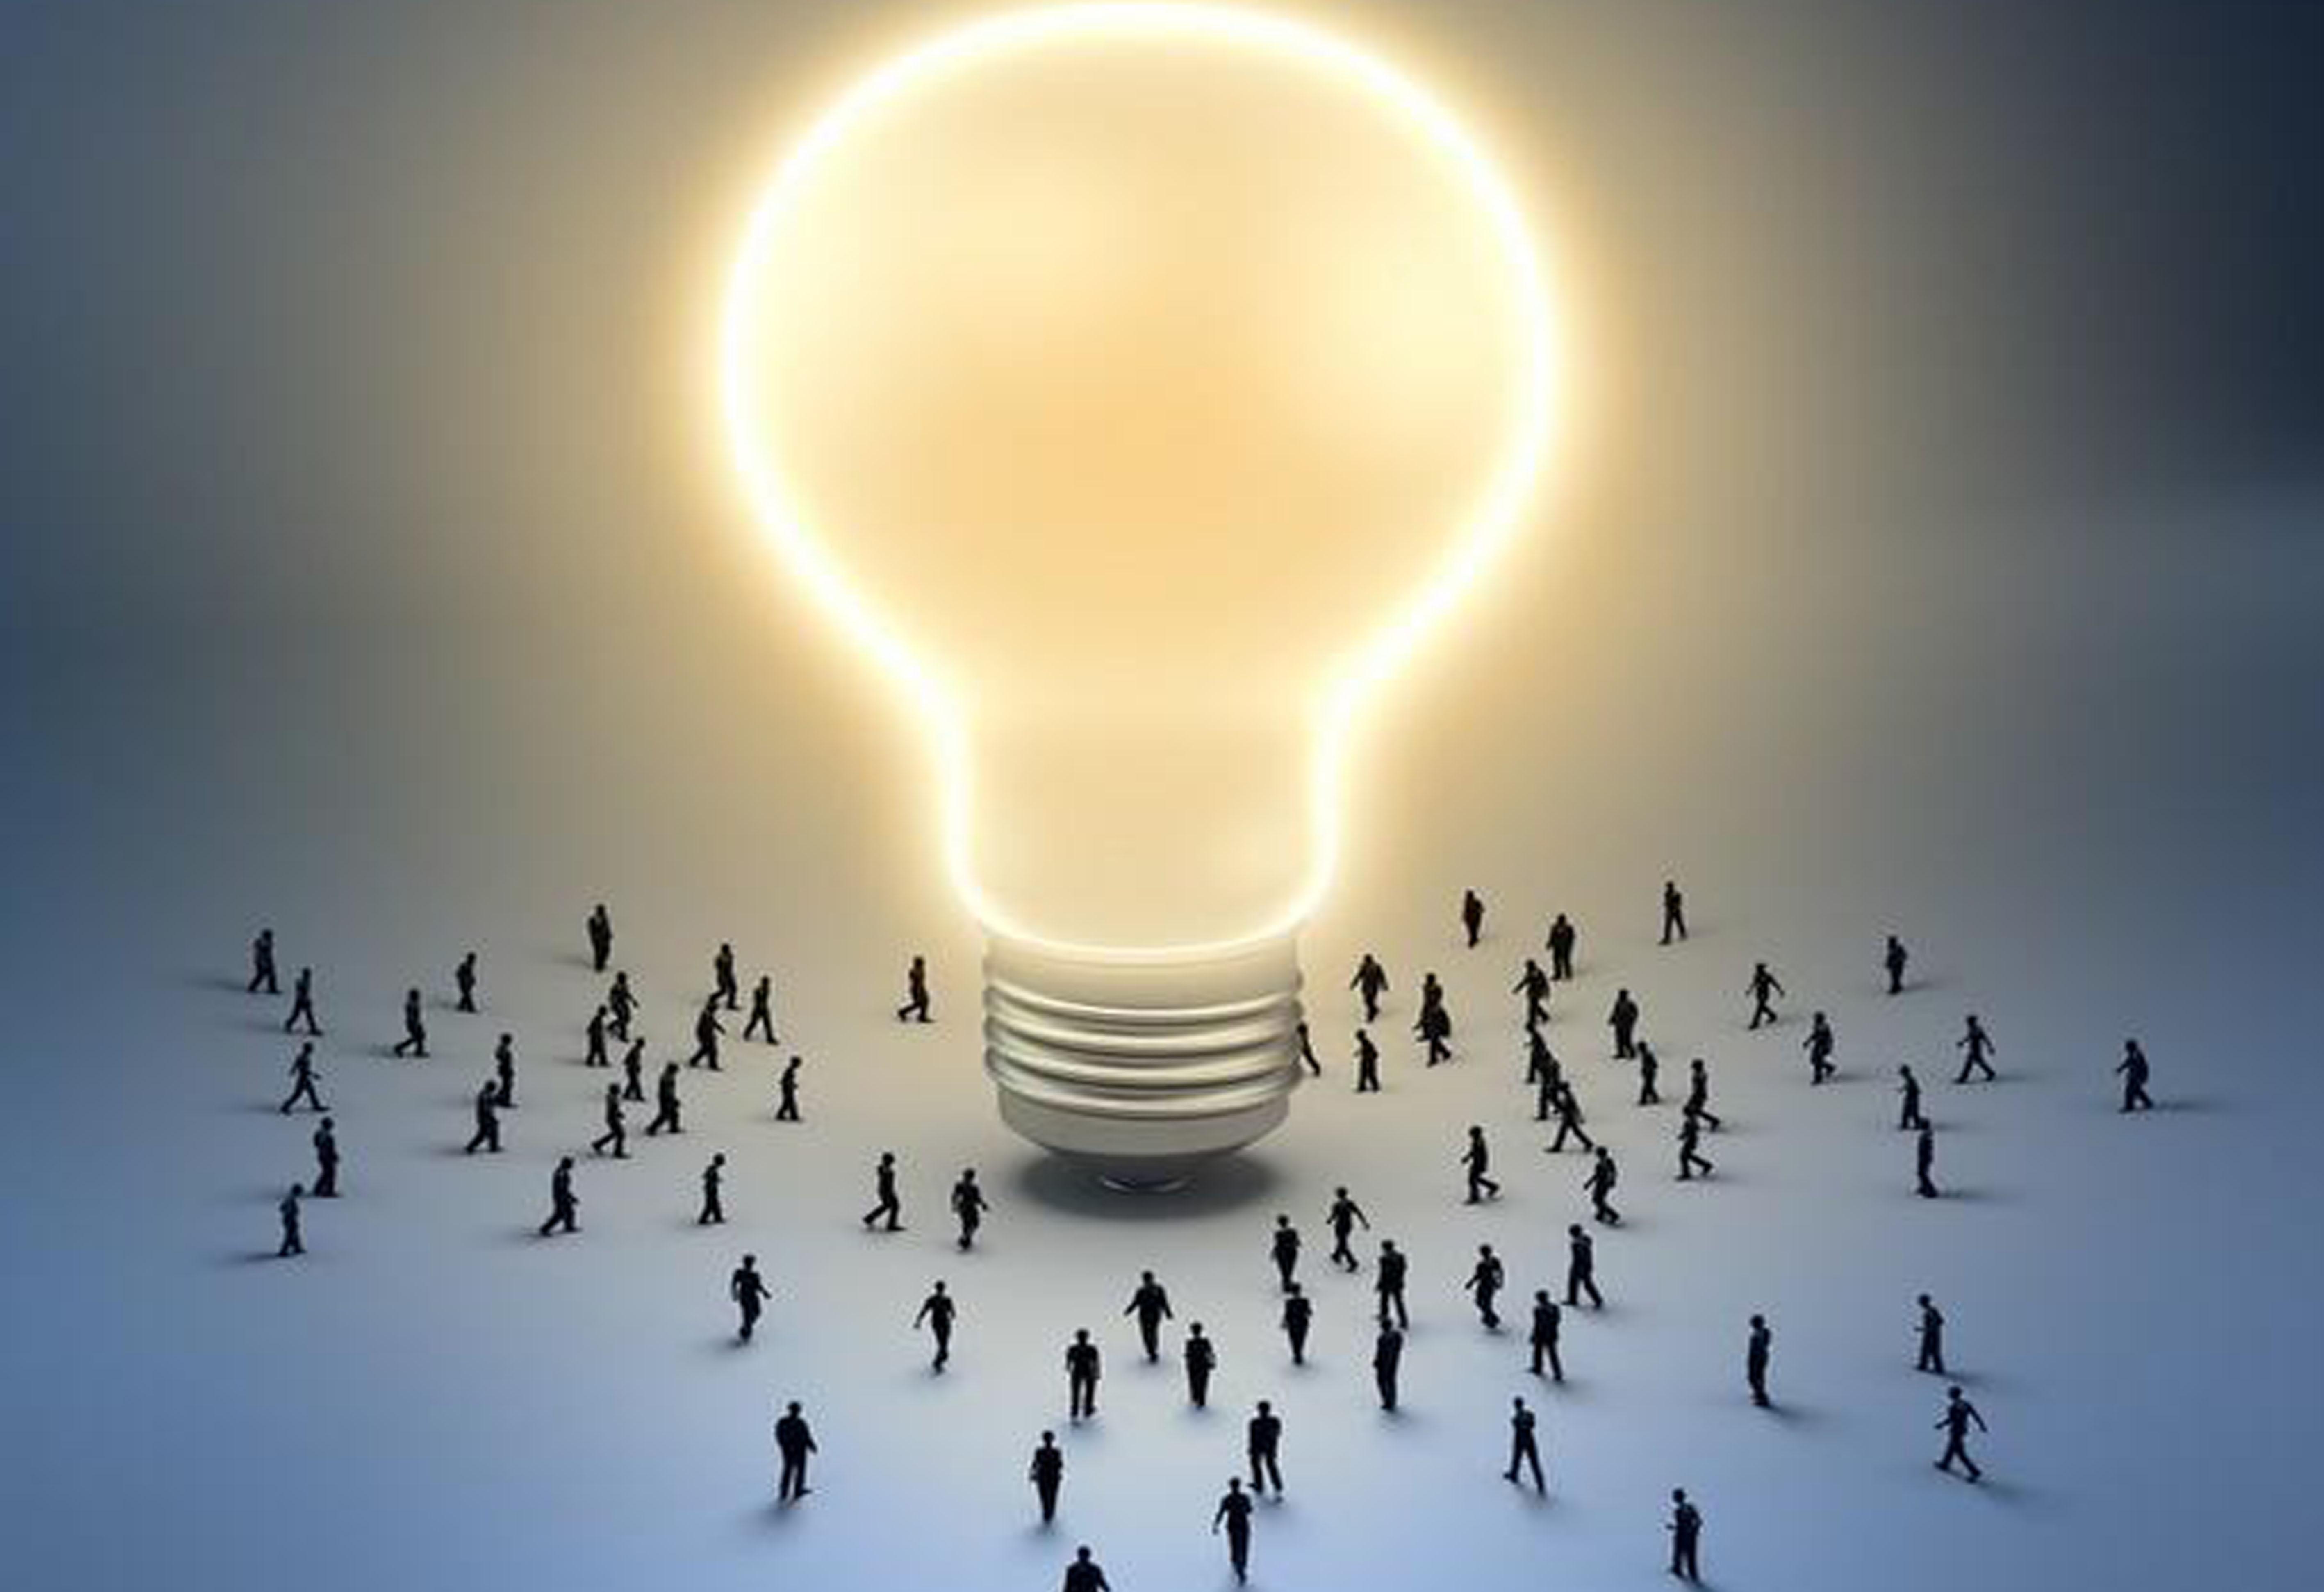 6月价格出炉:照明市场疲软,欧洲灯丝灯市场竞争激烈